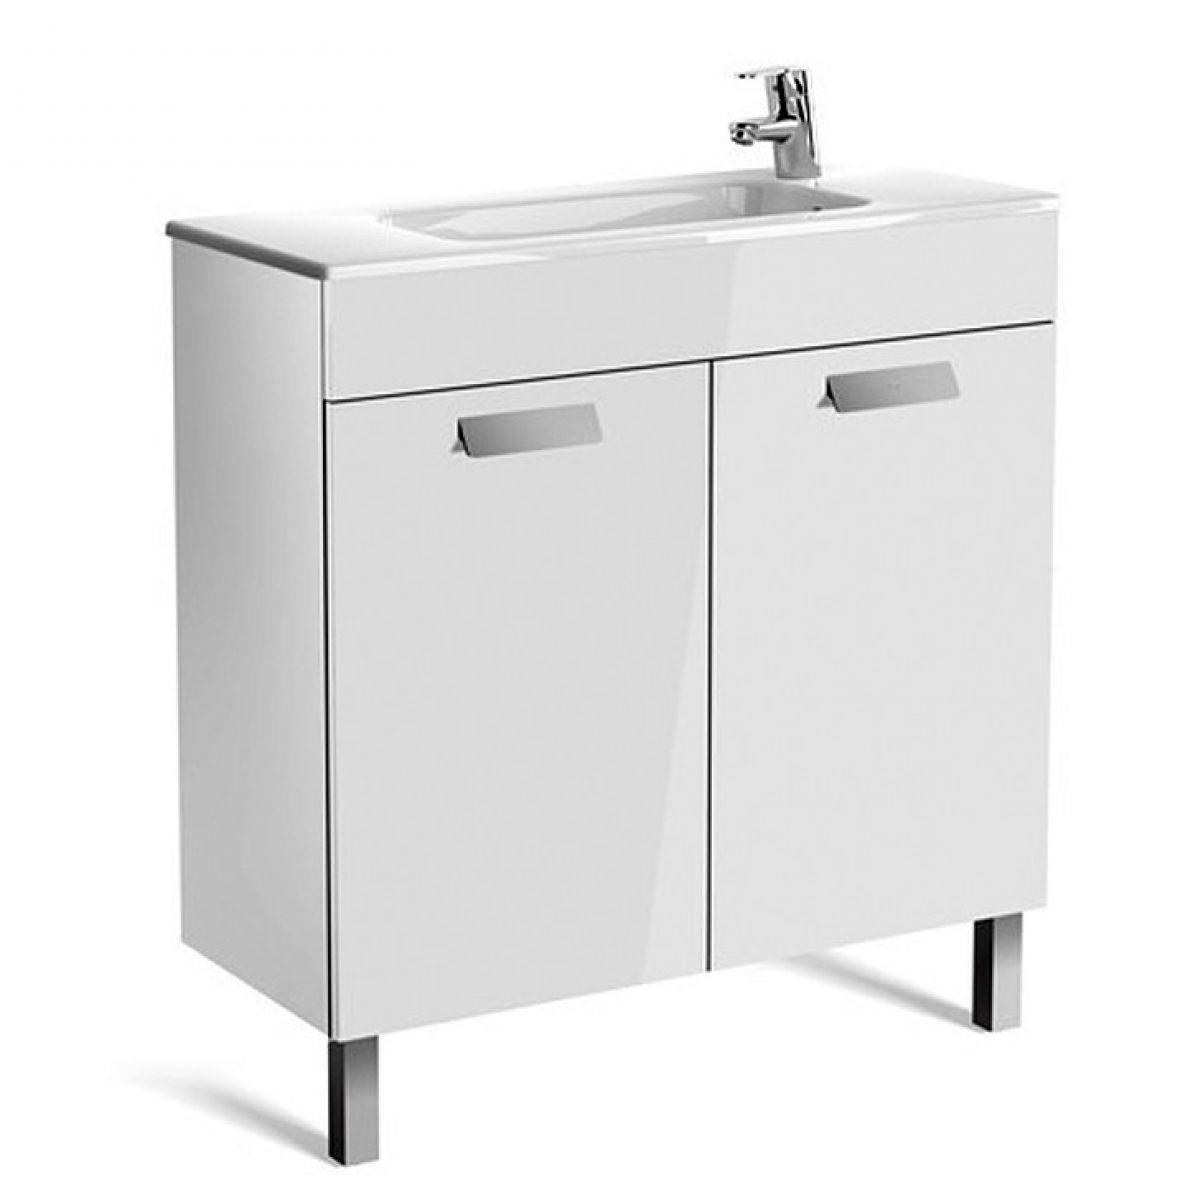 Roca Debba Compact 10 Door Vanity Unit with Basin : UK Bathrooms